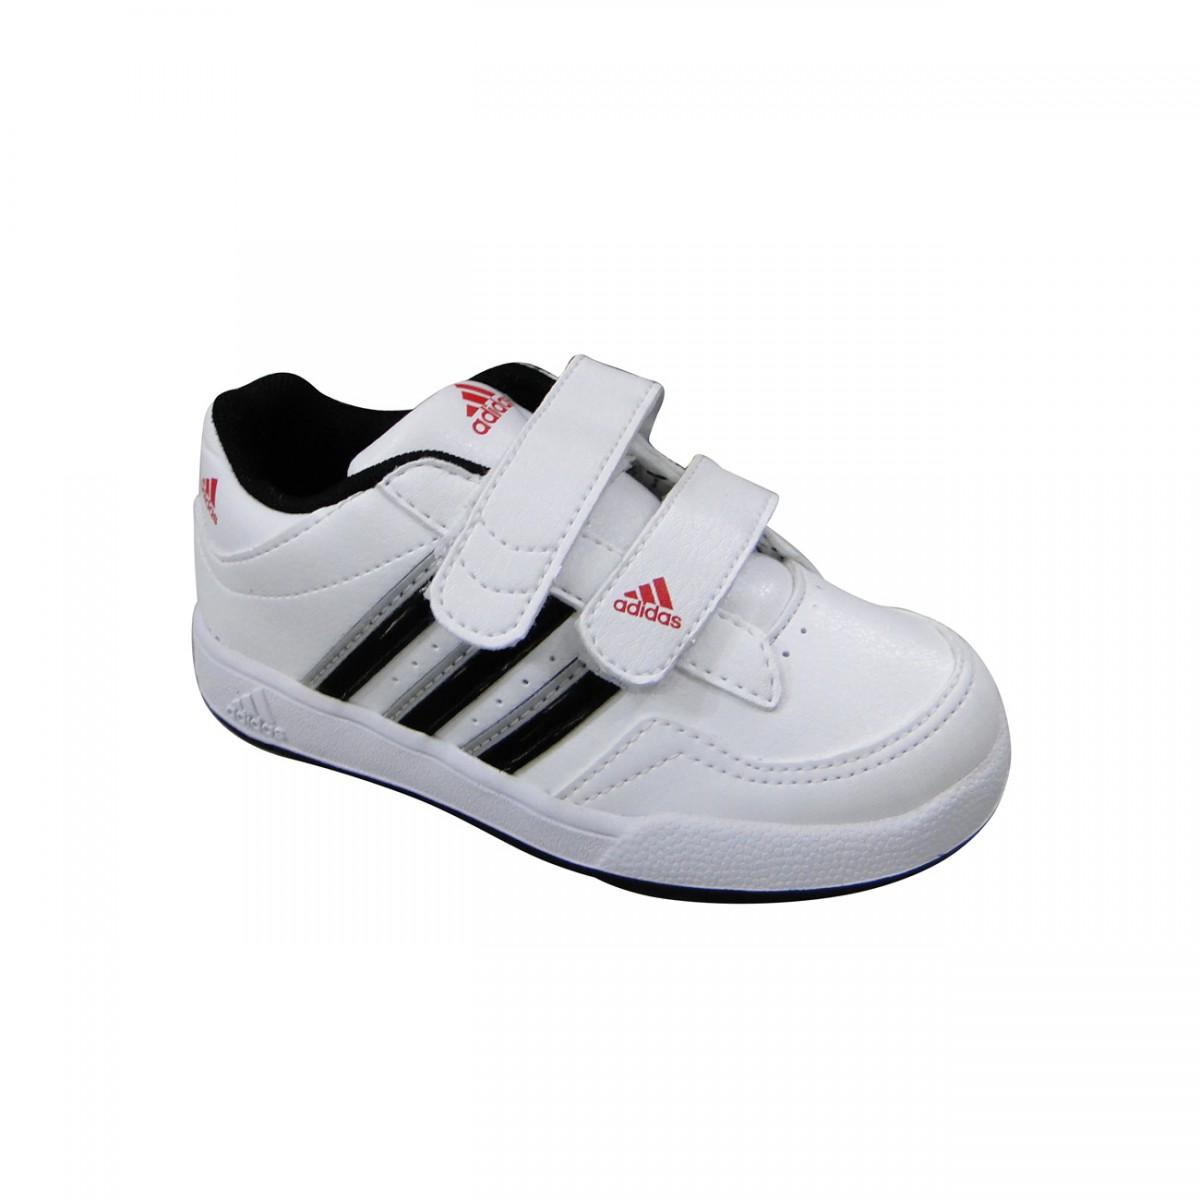 5a7c84921 Tênis Adidas Trainer 4 Infantil 5891 - BRANCO/PRETO - Chuteira Nike,  Adidas. Sandalias Femininas. Sandy Calçados